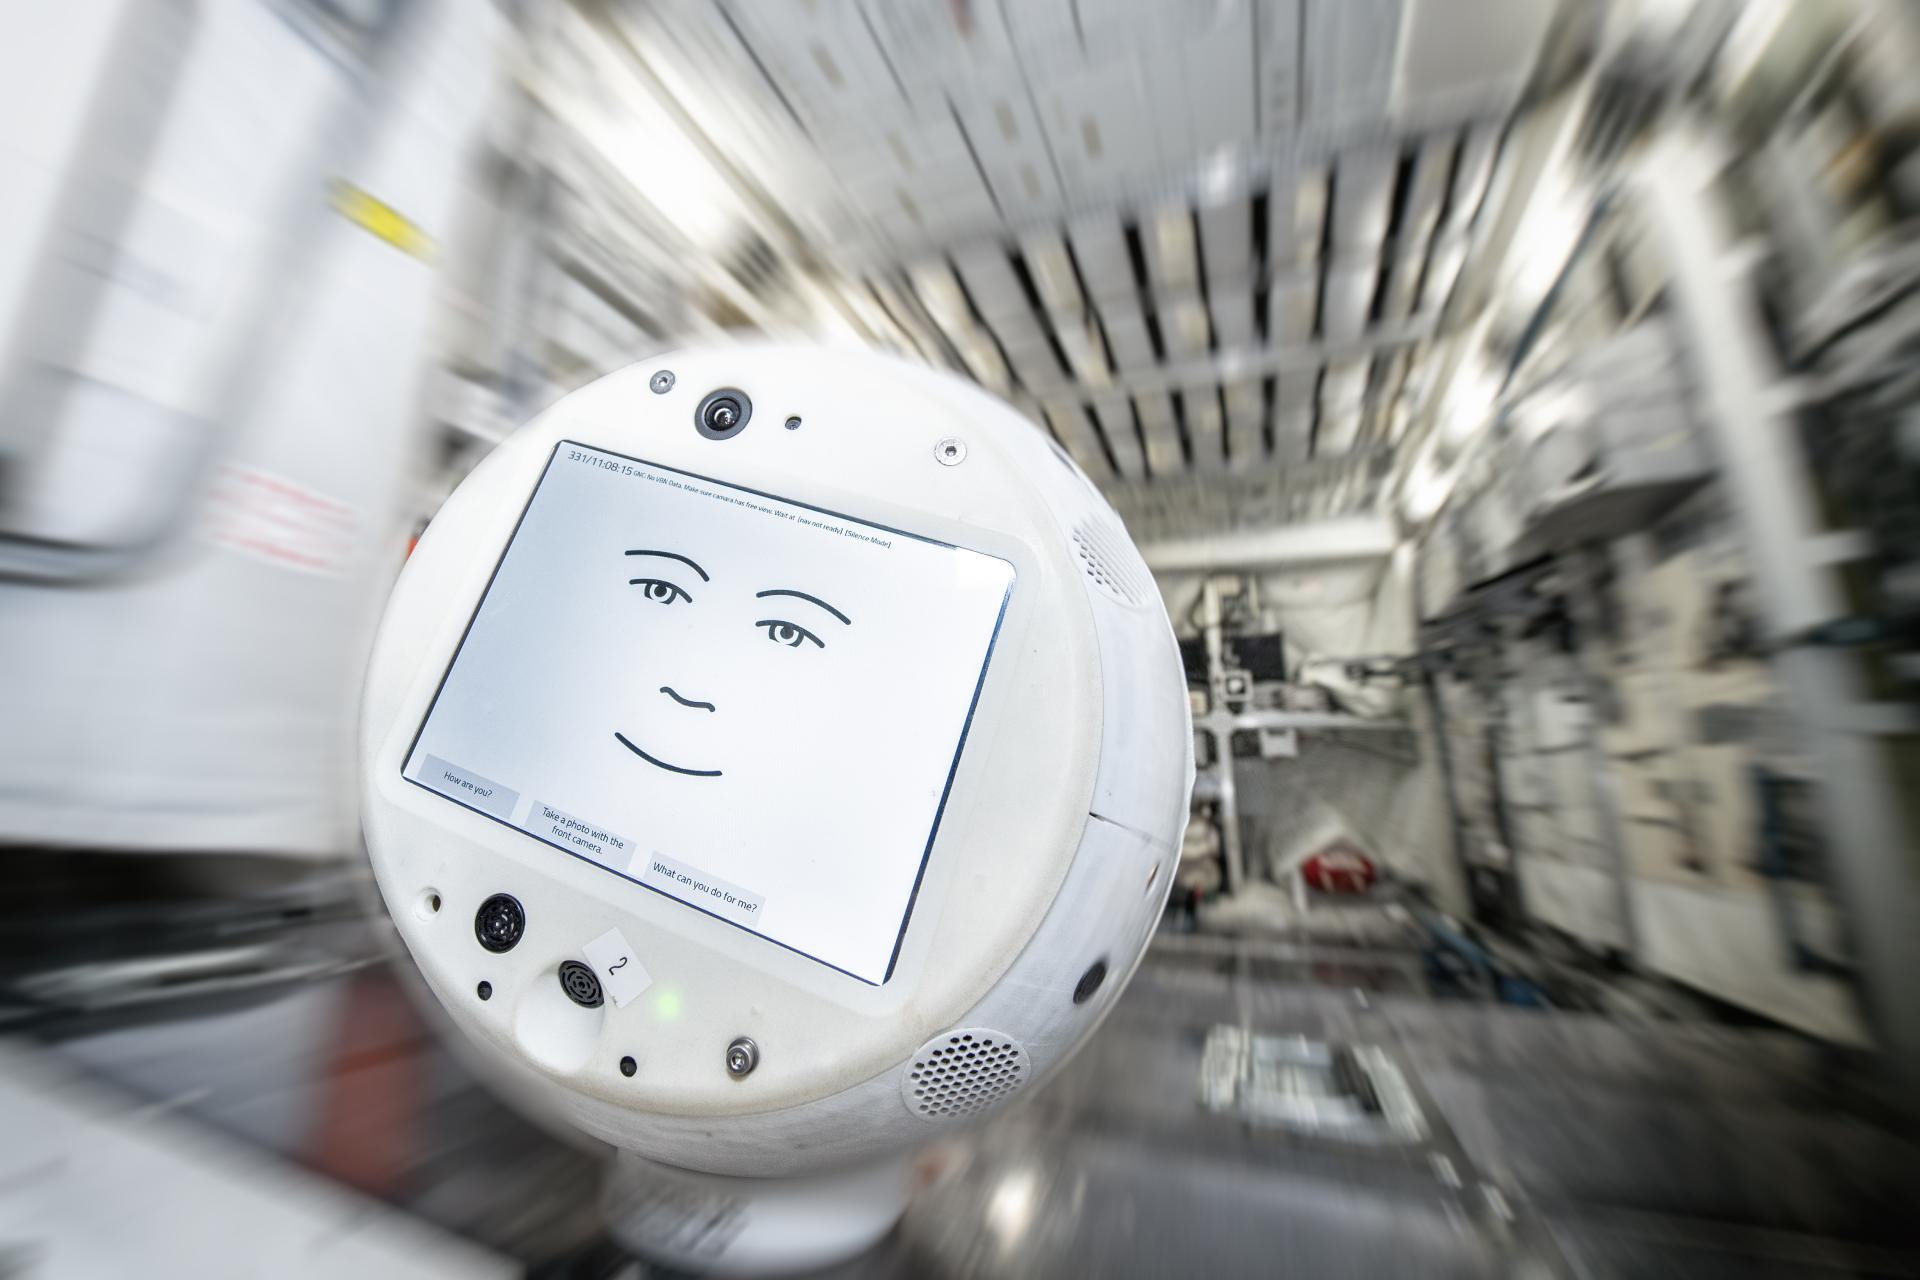 Le robot CIMON-2 (Crew Interactive MObile CompanioN) est un nouveau compagnon robotique pour les astronautes de la Station spatiale internationale.